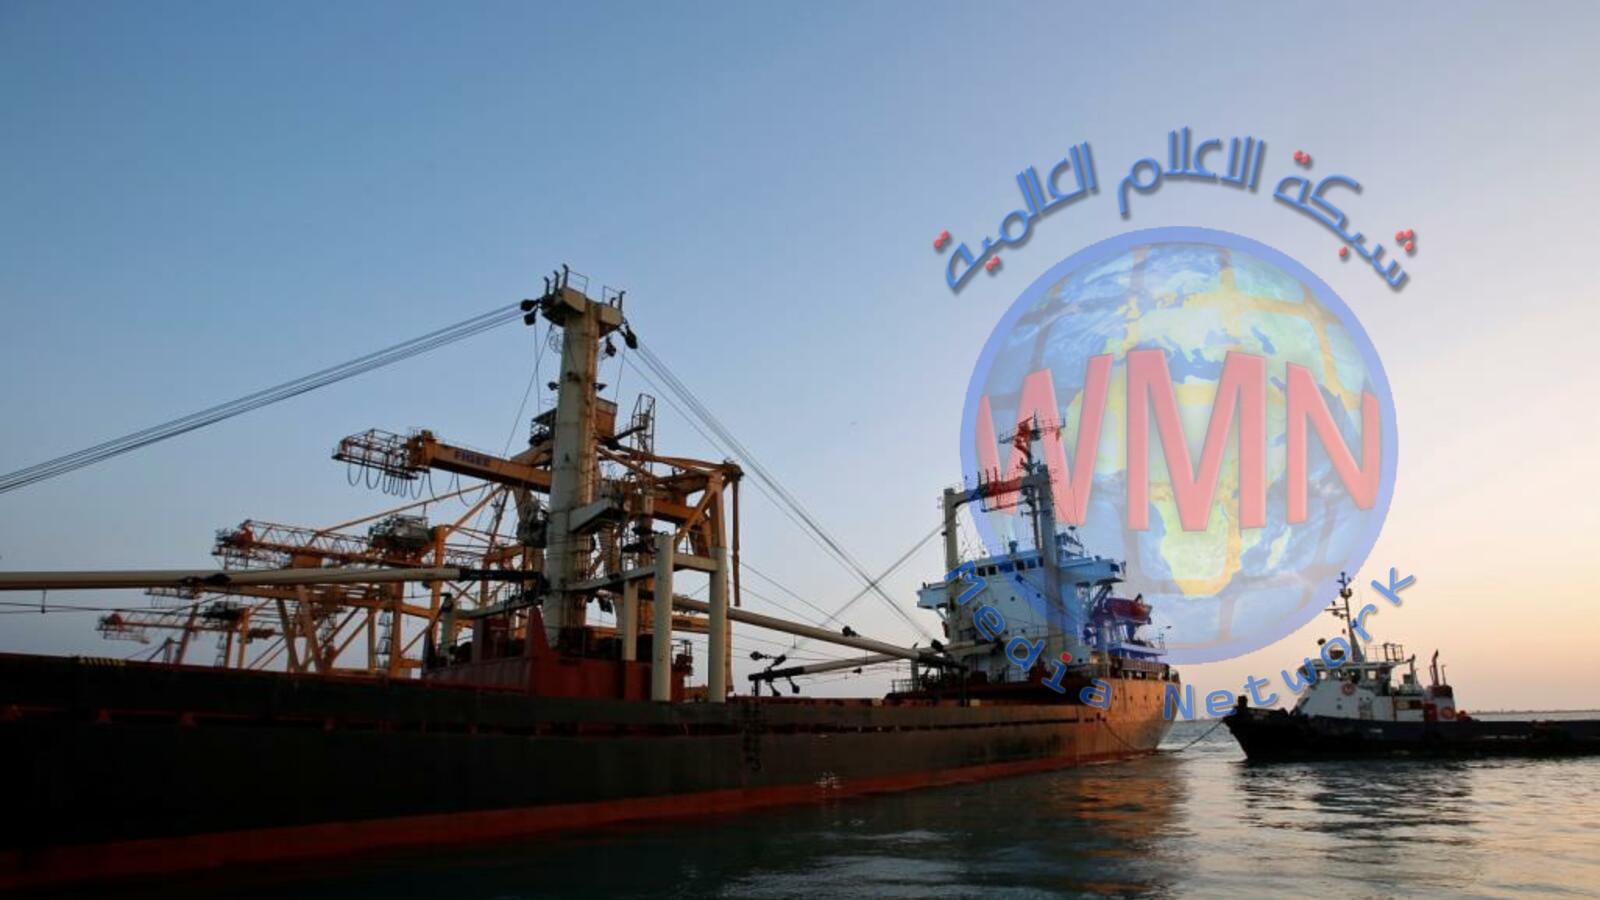 الأمم المتحدة تعتزم التحقق من مغادرة الحوثيين الموانئ بالحديدة